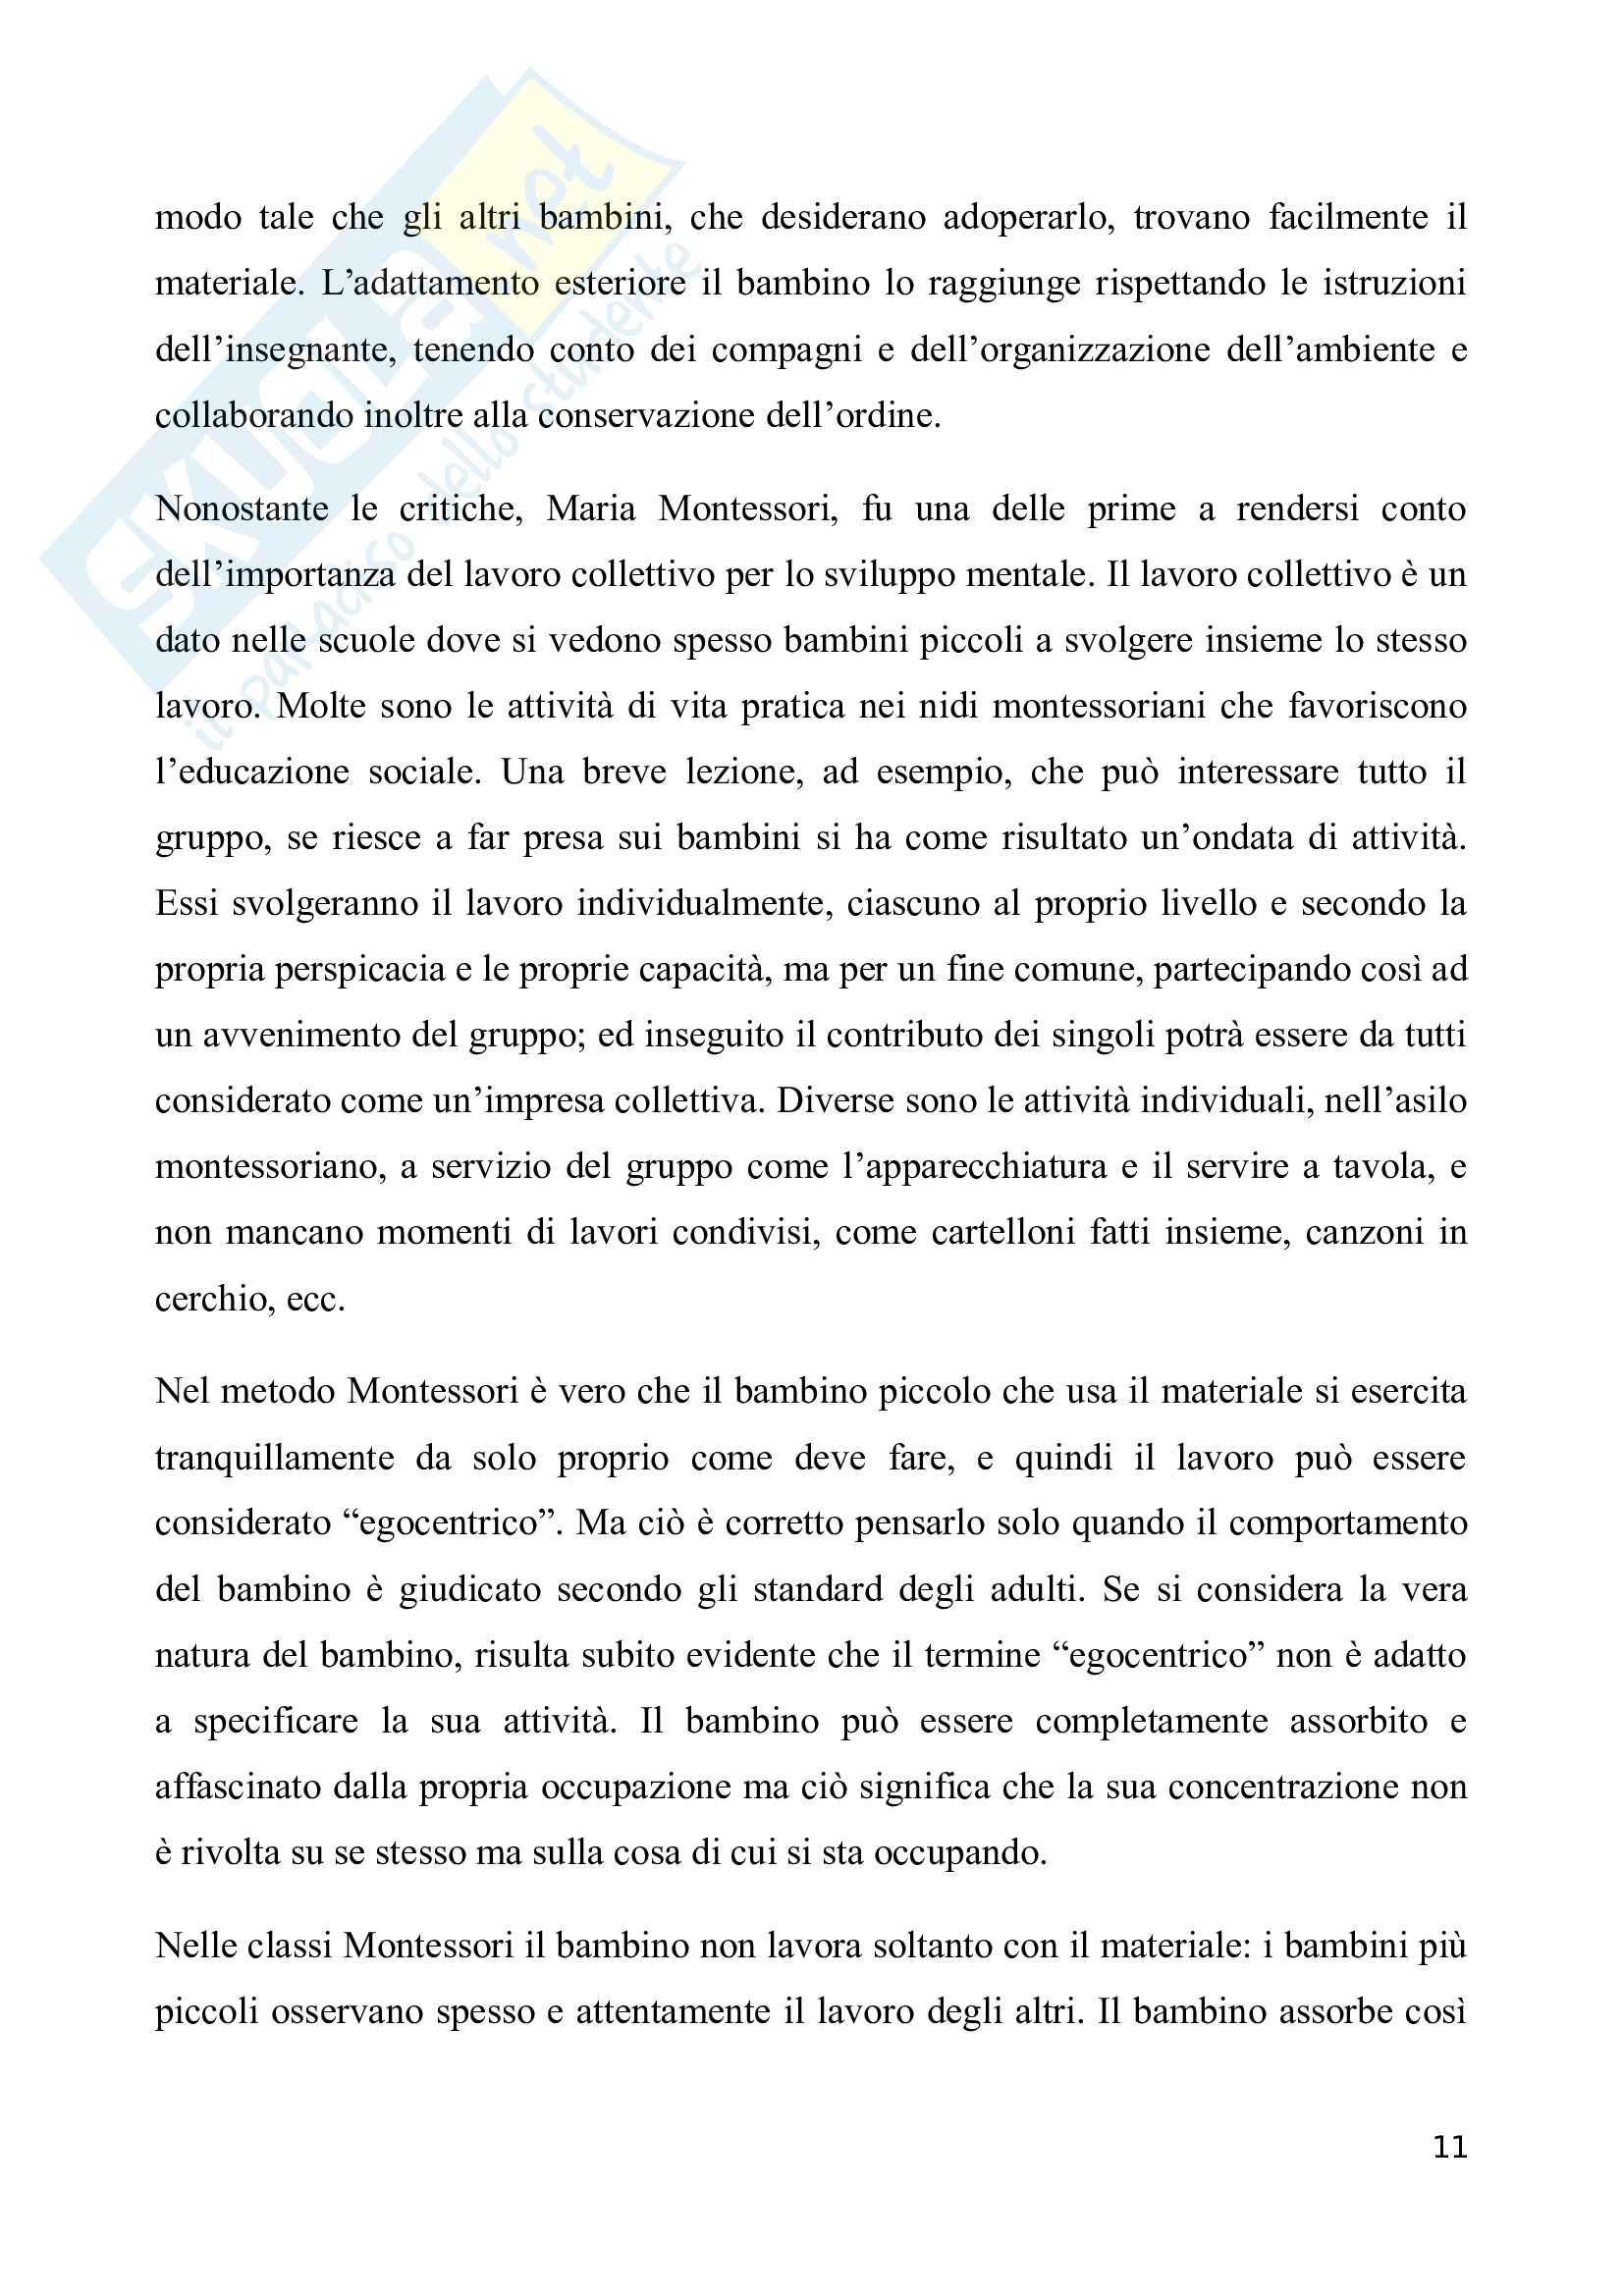 Metodo Montessori: tra individualità o collettività Pag. 11